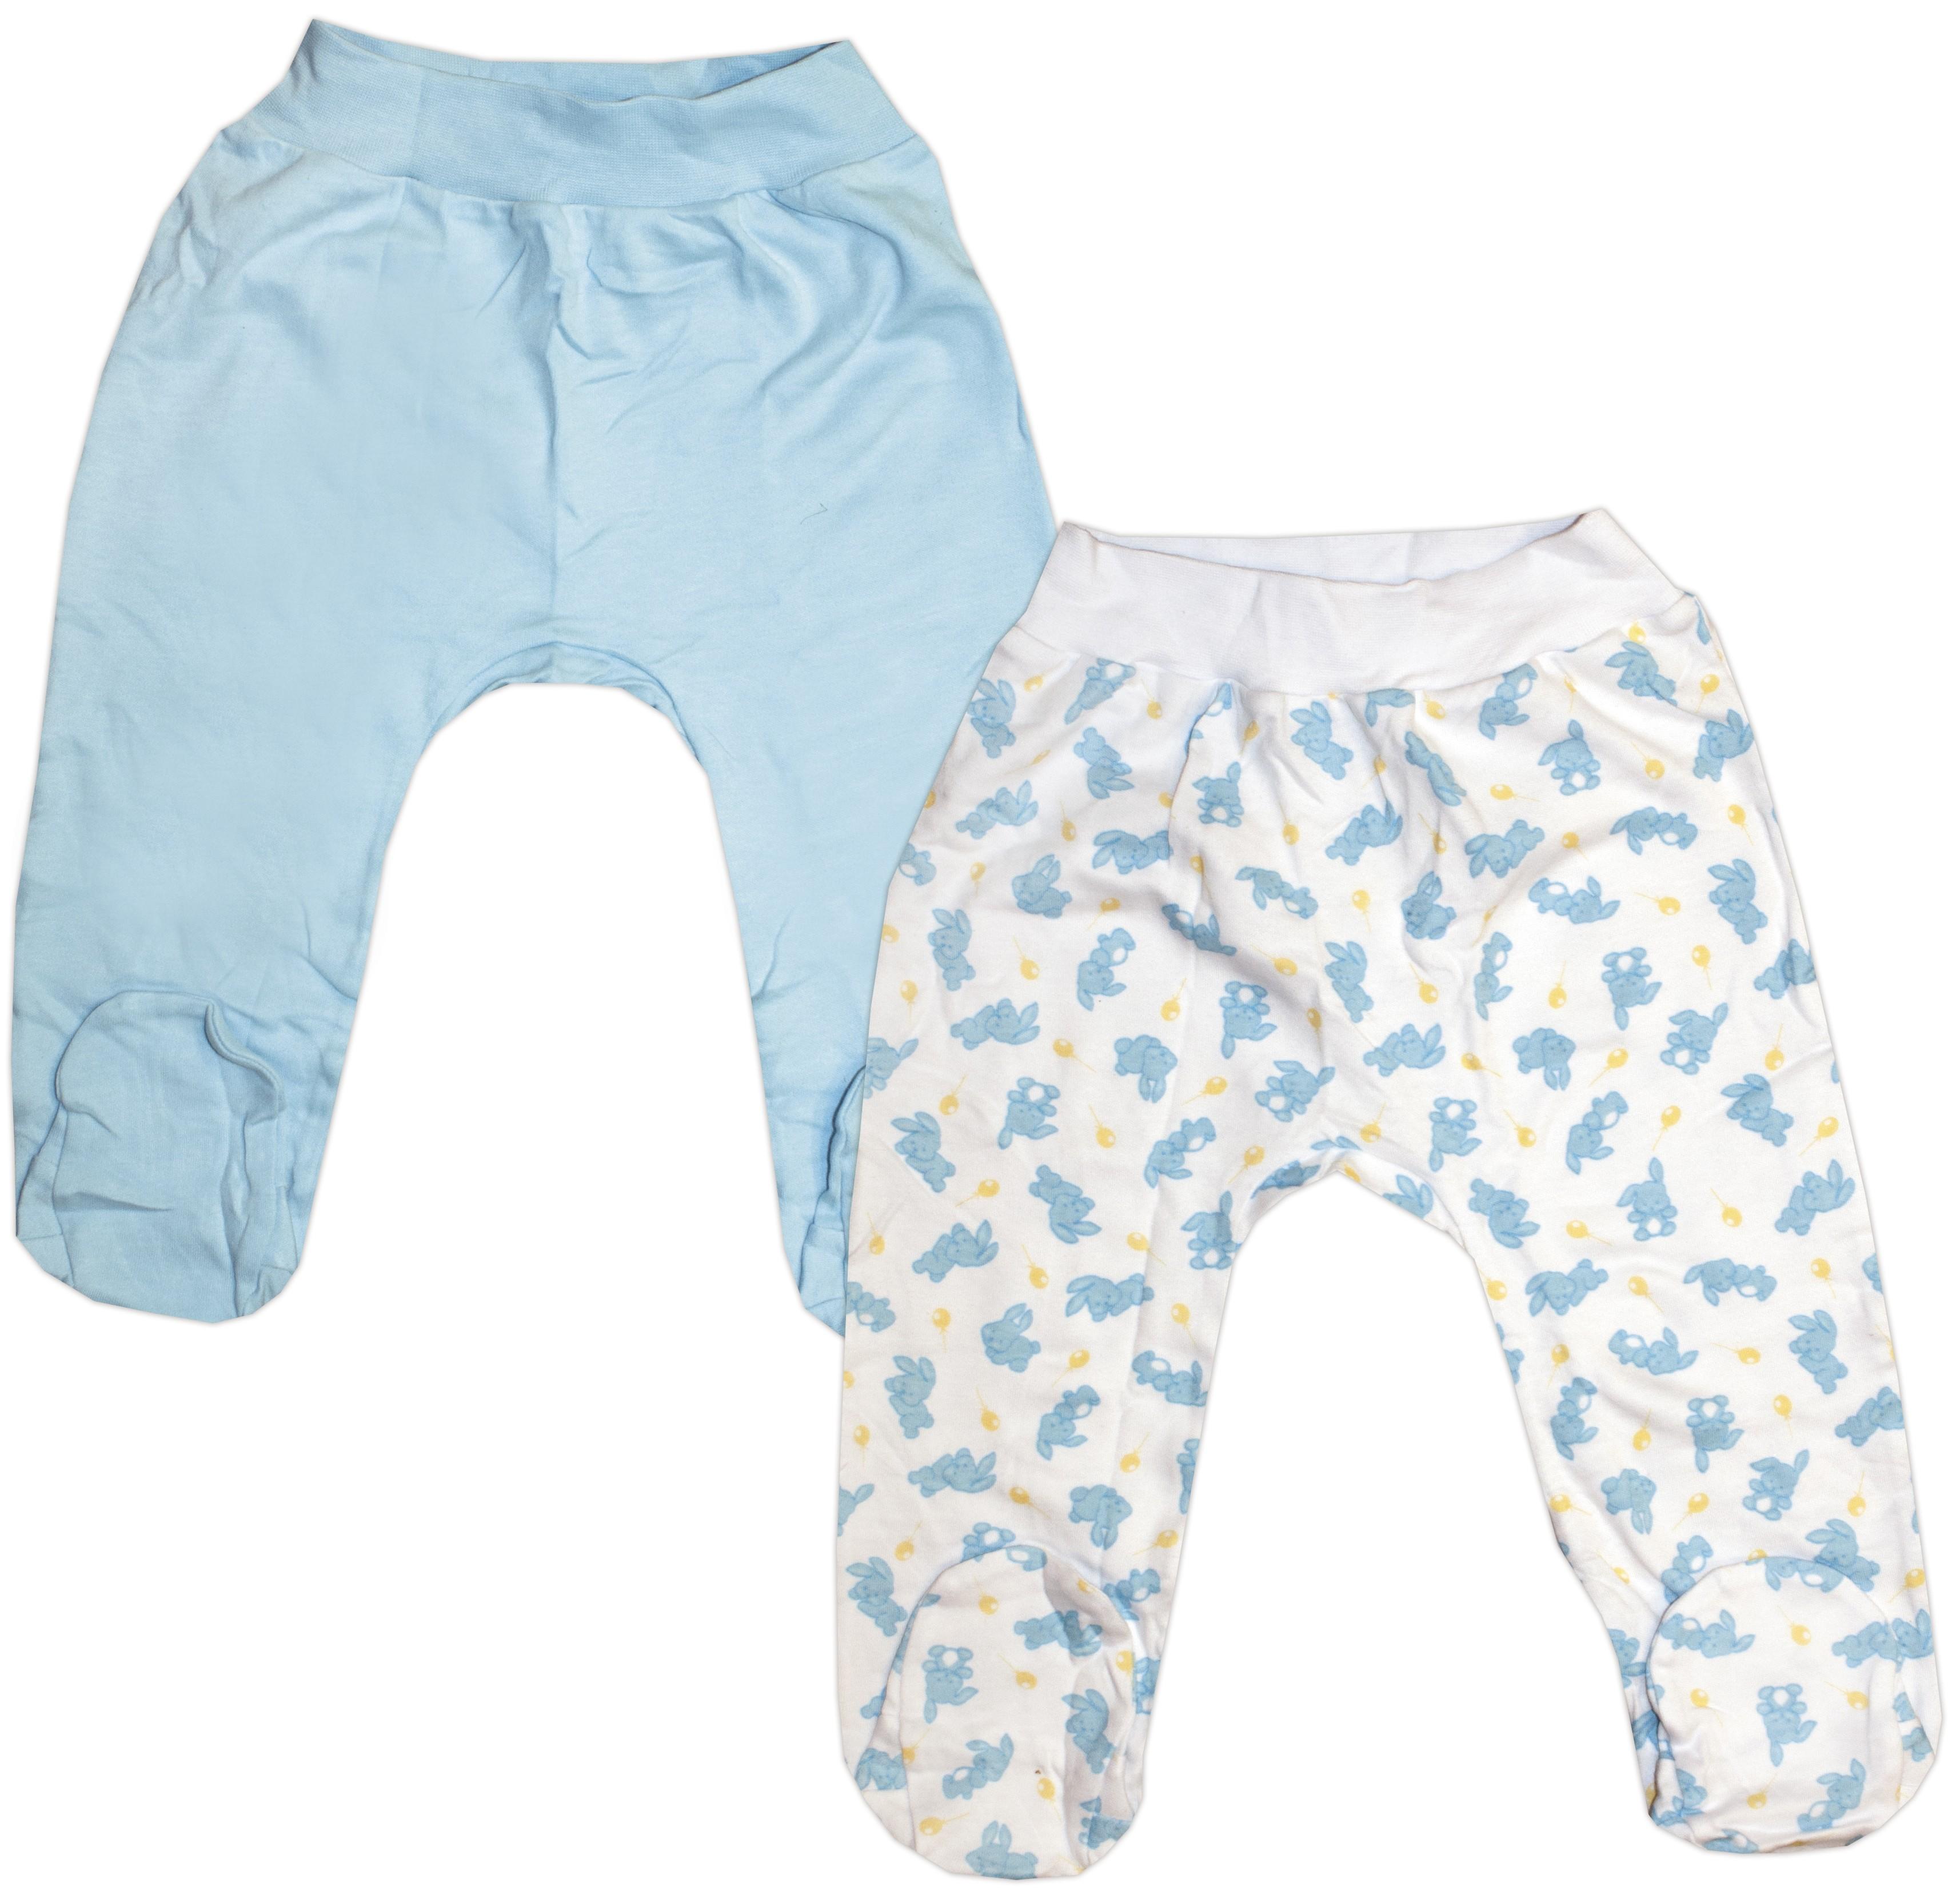 Первые вещи новорожденного BARQUITO Ползунки 2 шт. ползунки idea kids ползунки cute girl